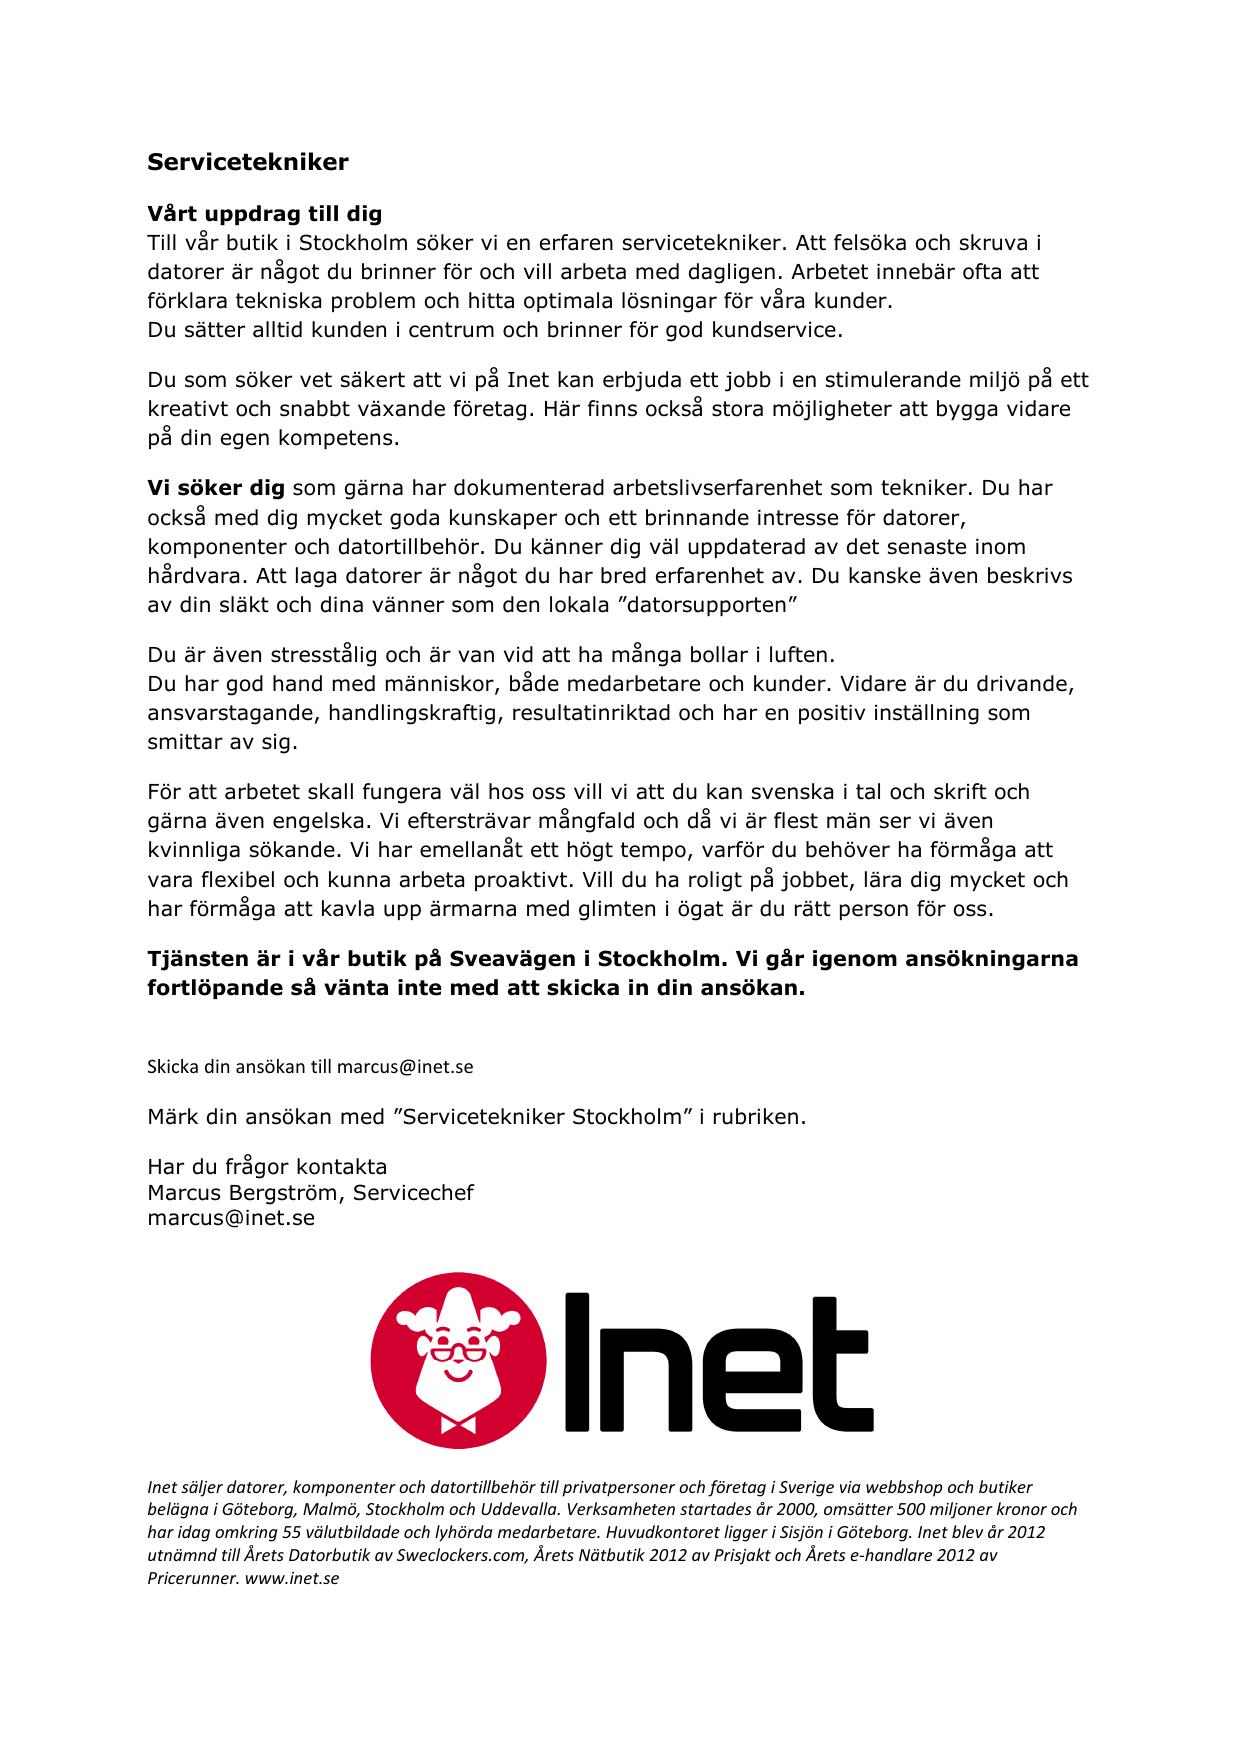 96ca187a0367 Servicetekniker Vårt uppdrag till dig Till vår butik i Stockholm söker vi  en erfaren servicetekniker. Att felsöka och skruva i datorer är något du  brinner ...